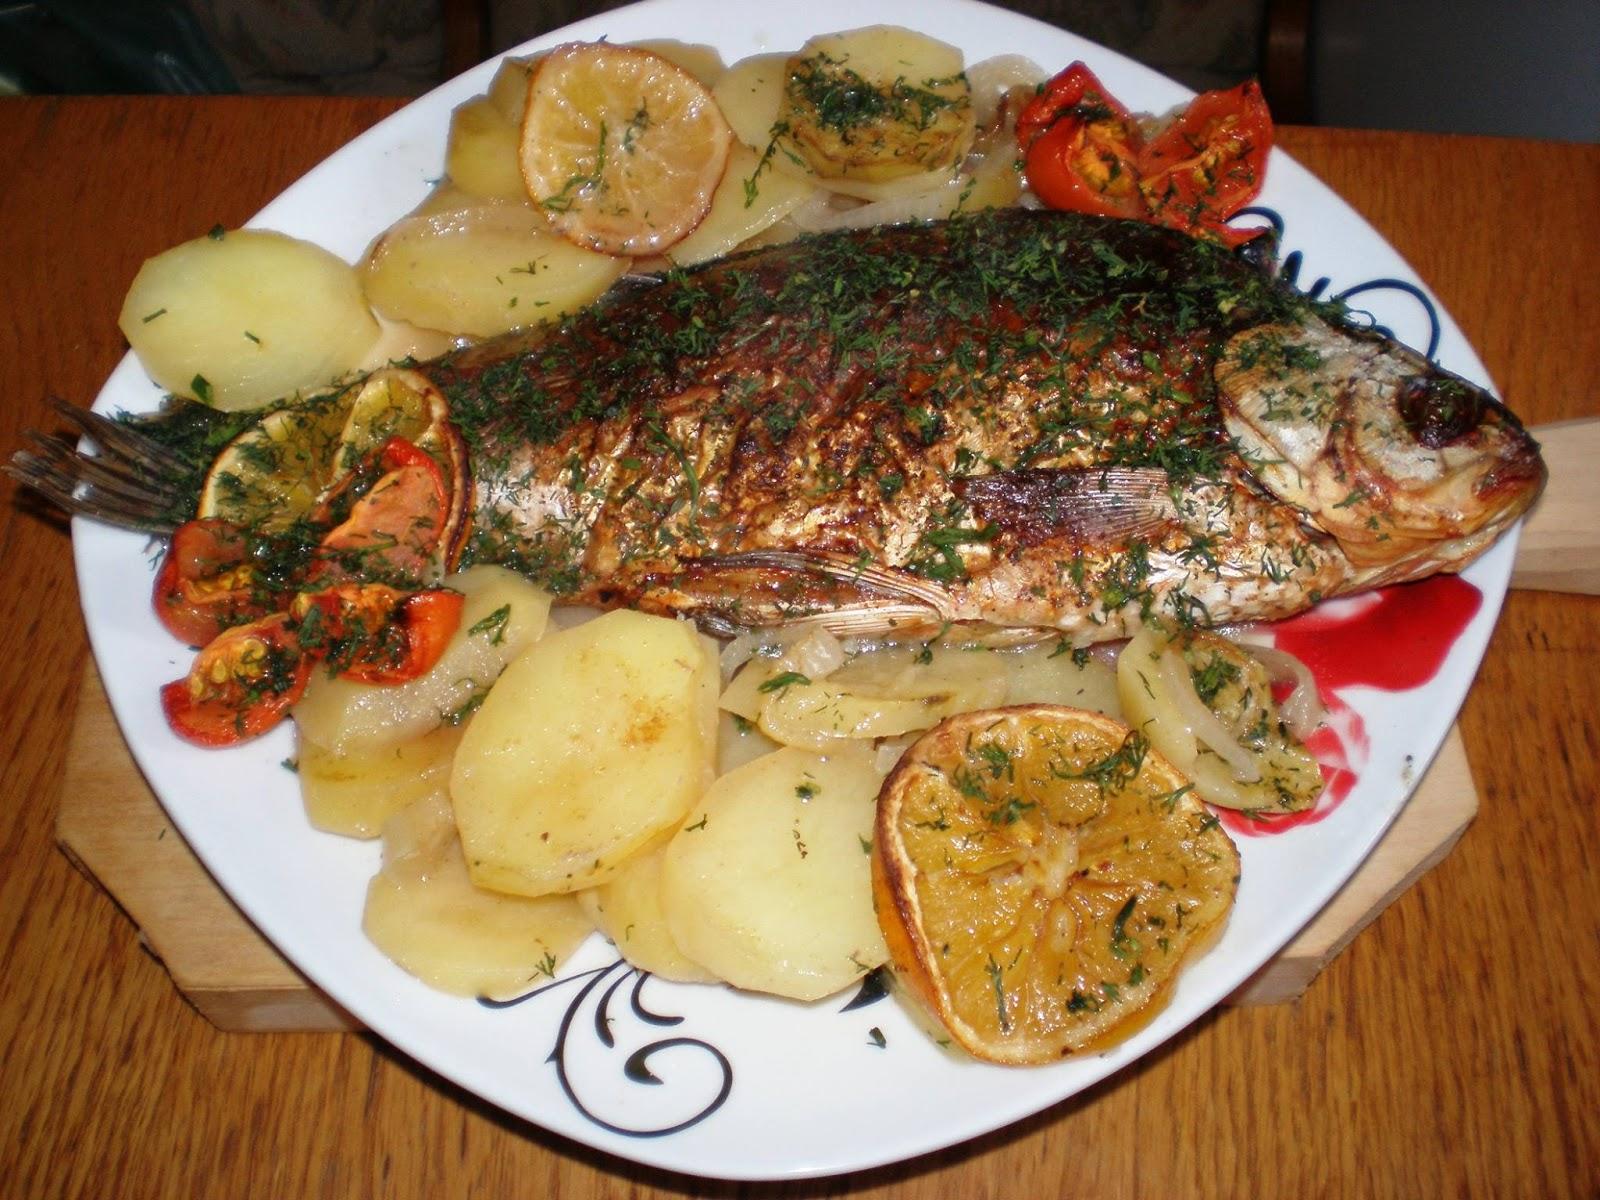 Pește, legume și vin alb